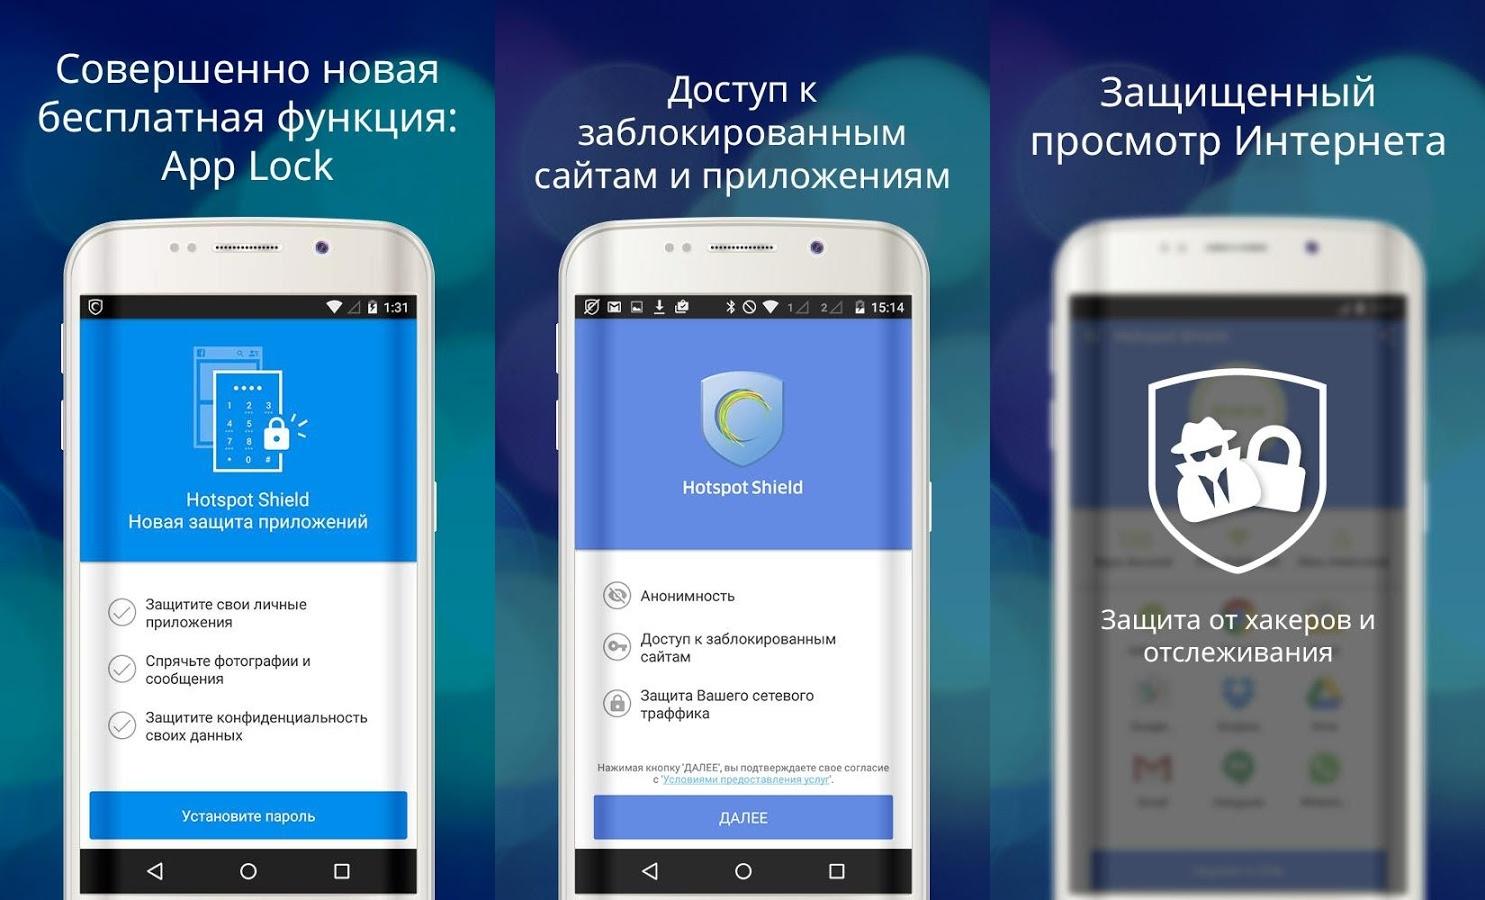 Скачать мобильный сайт с программы для андроида